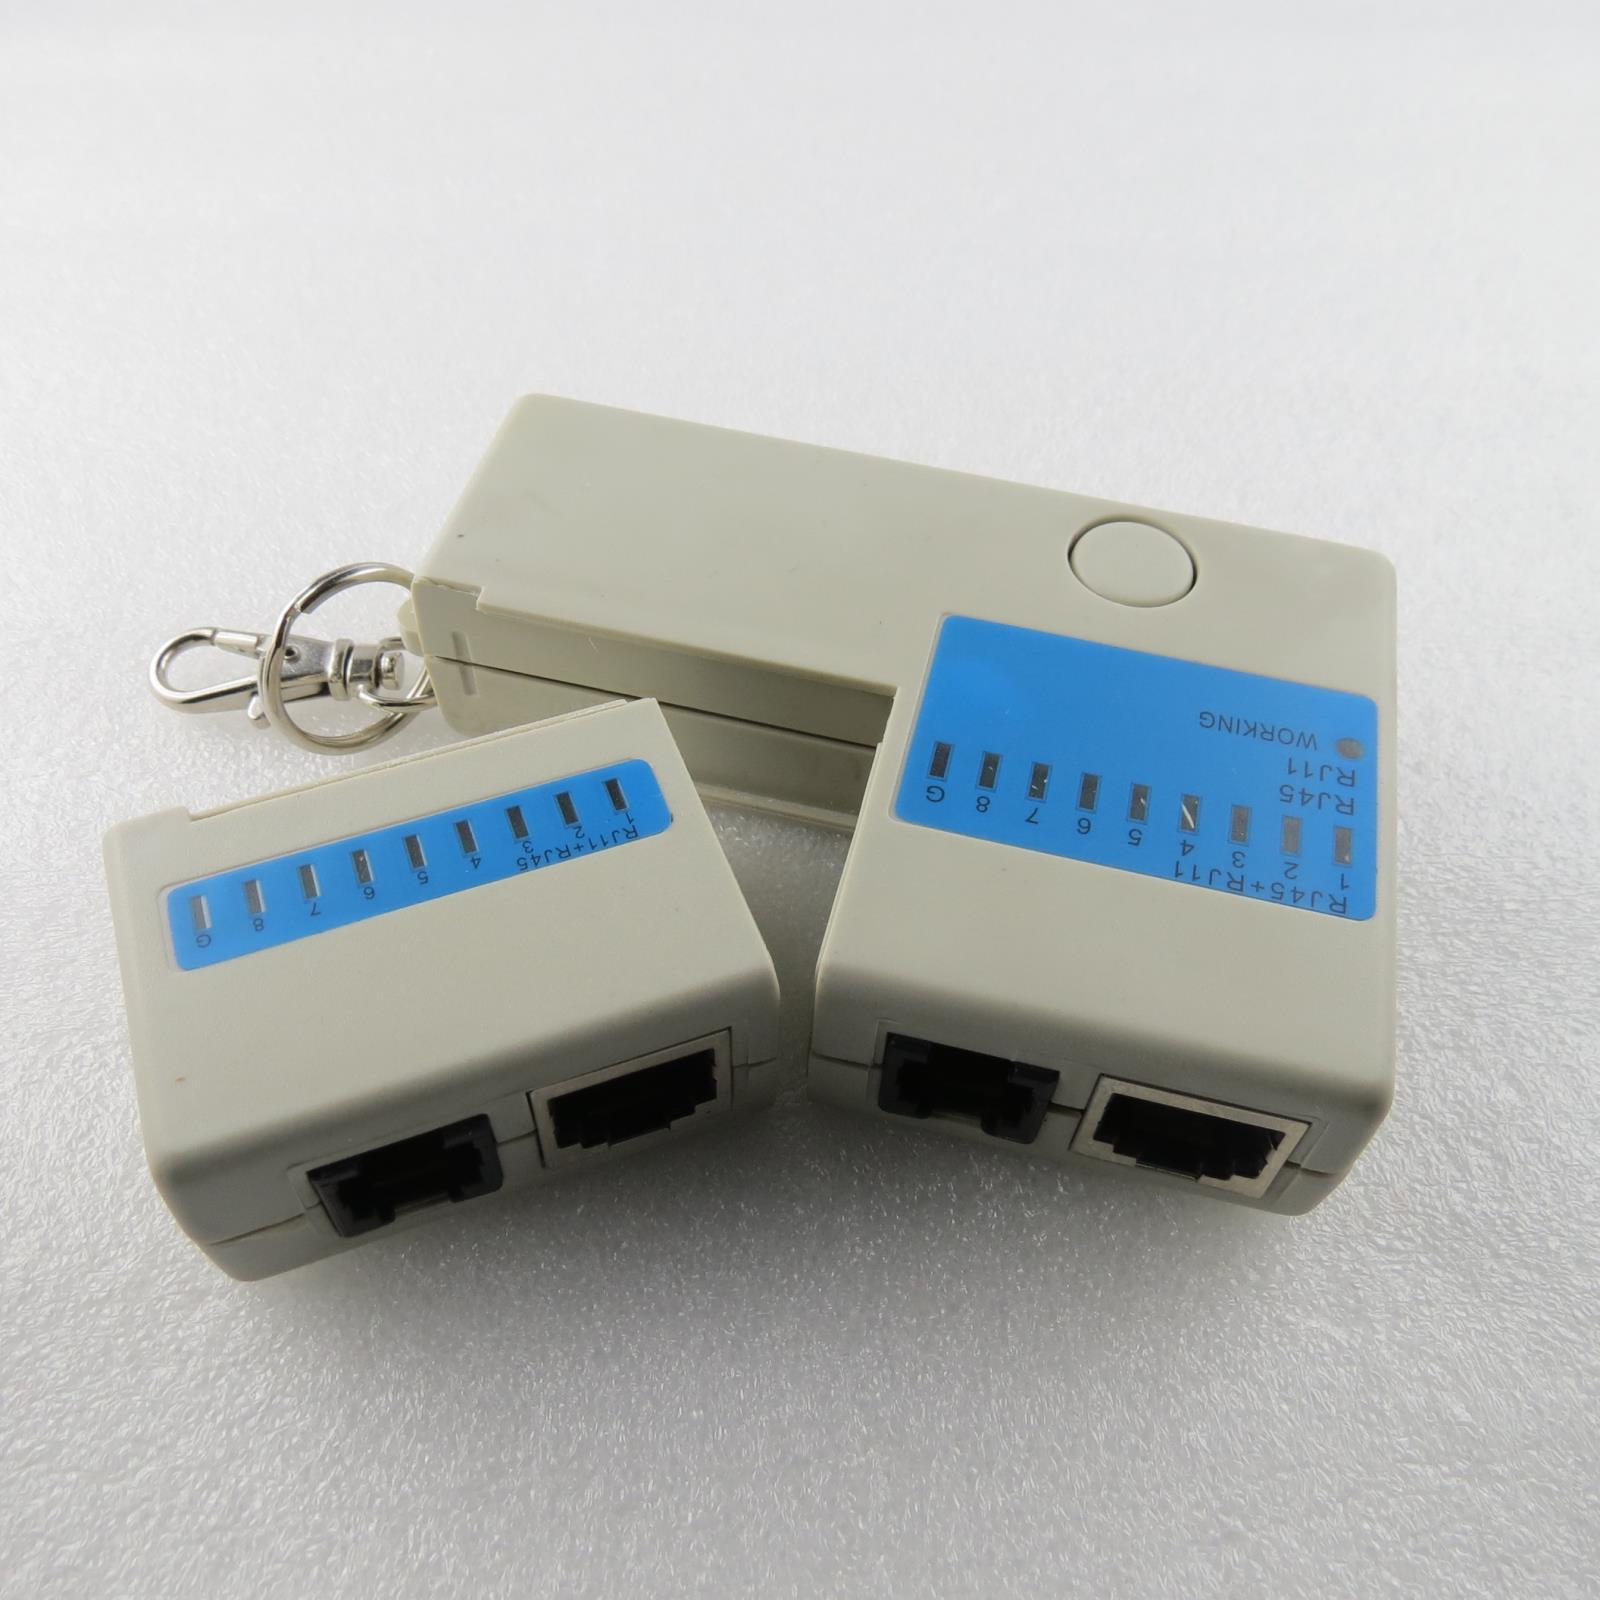 5x 39pf Keramik Kondensator Sortiment 1pF bis 100nF möglich Ceramic Set mini